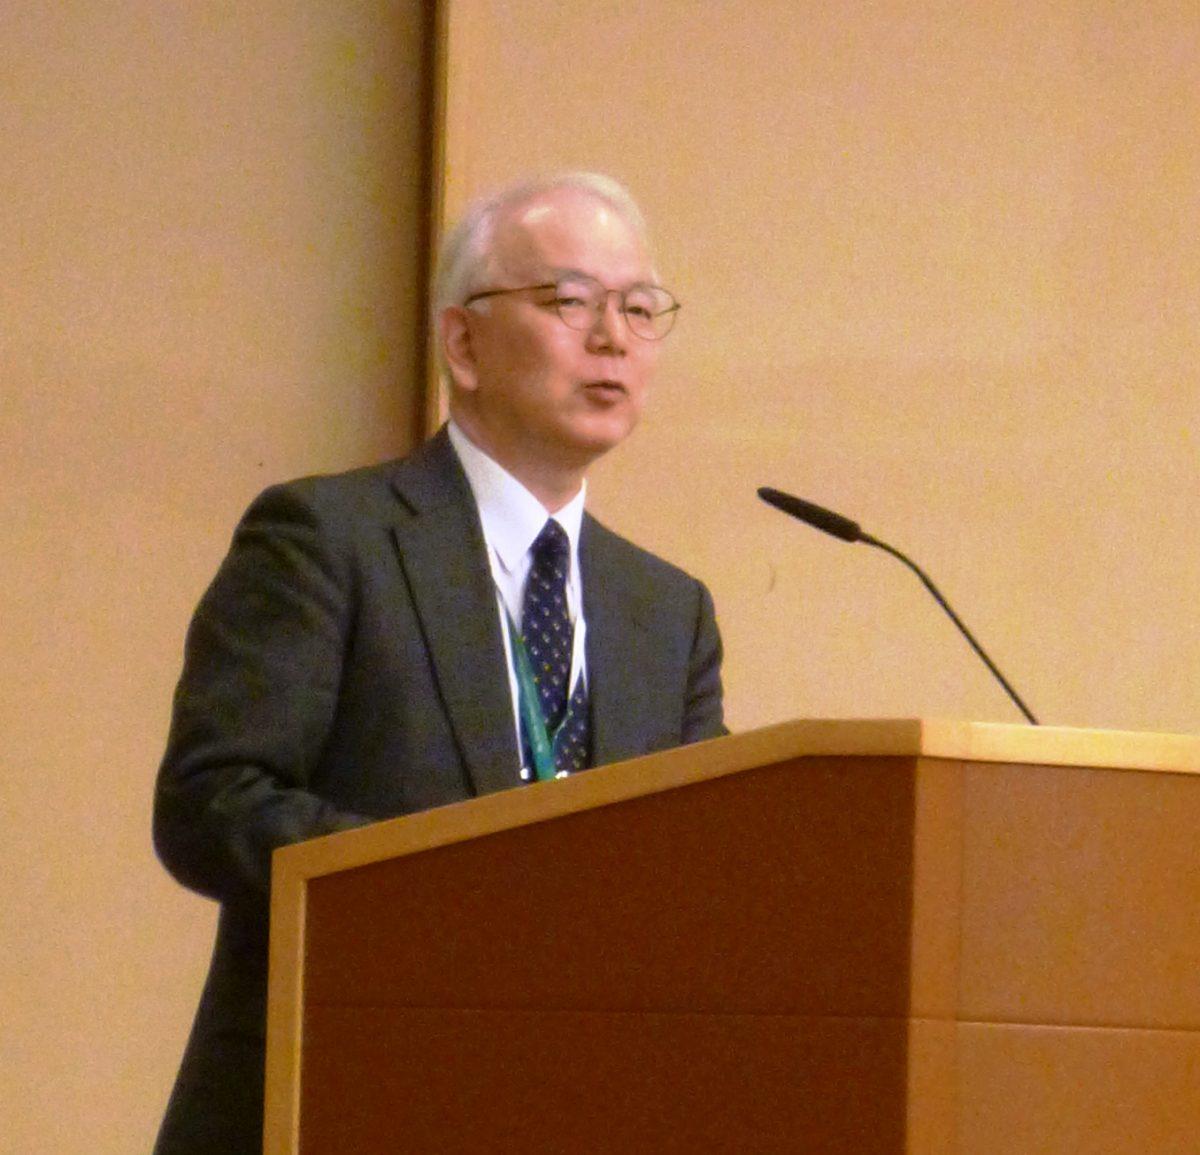 第114回日本外科学会定期学術集会 パネルディスカッション1「細胞・臓器移植における基礎的研究の最前線」にて発表(尾崎)